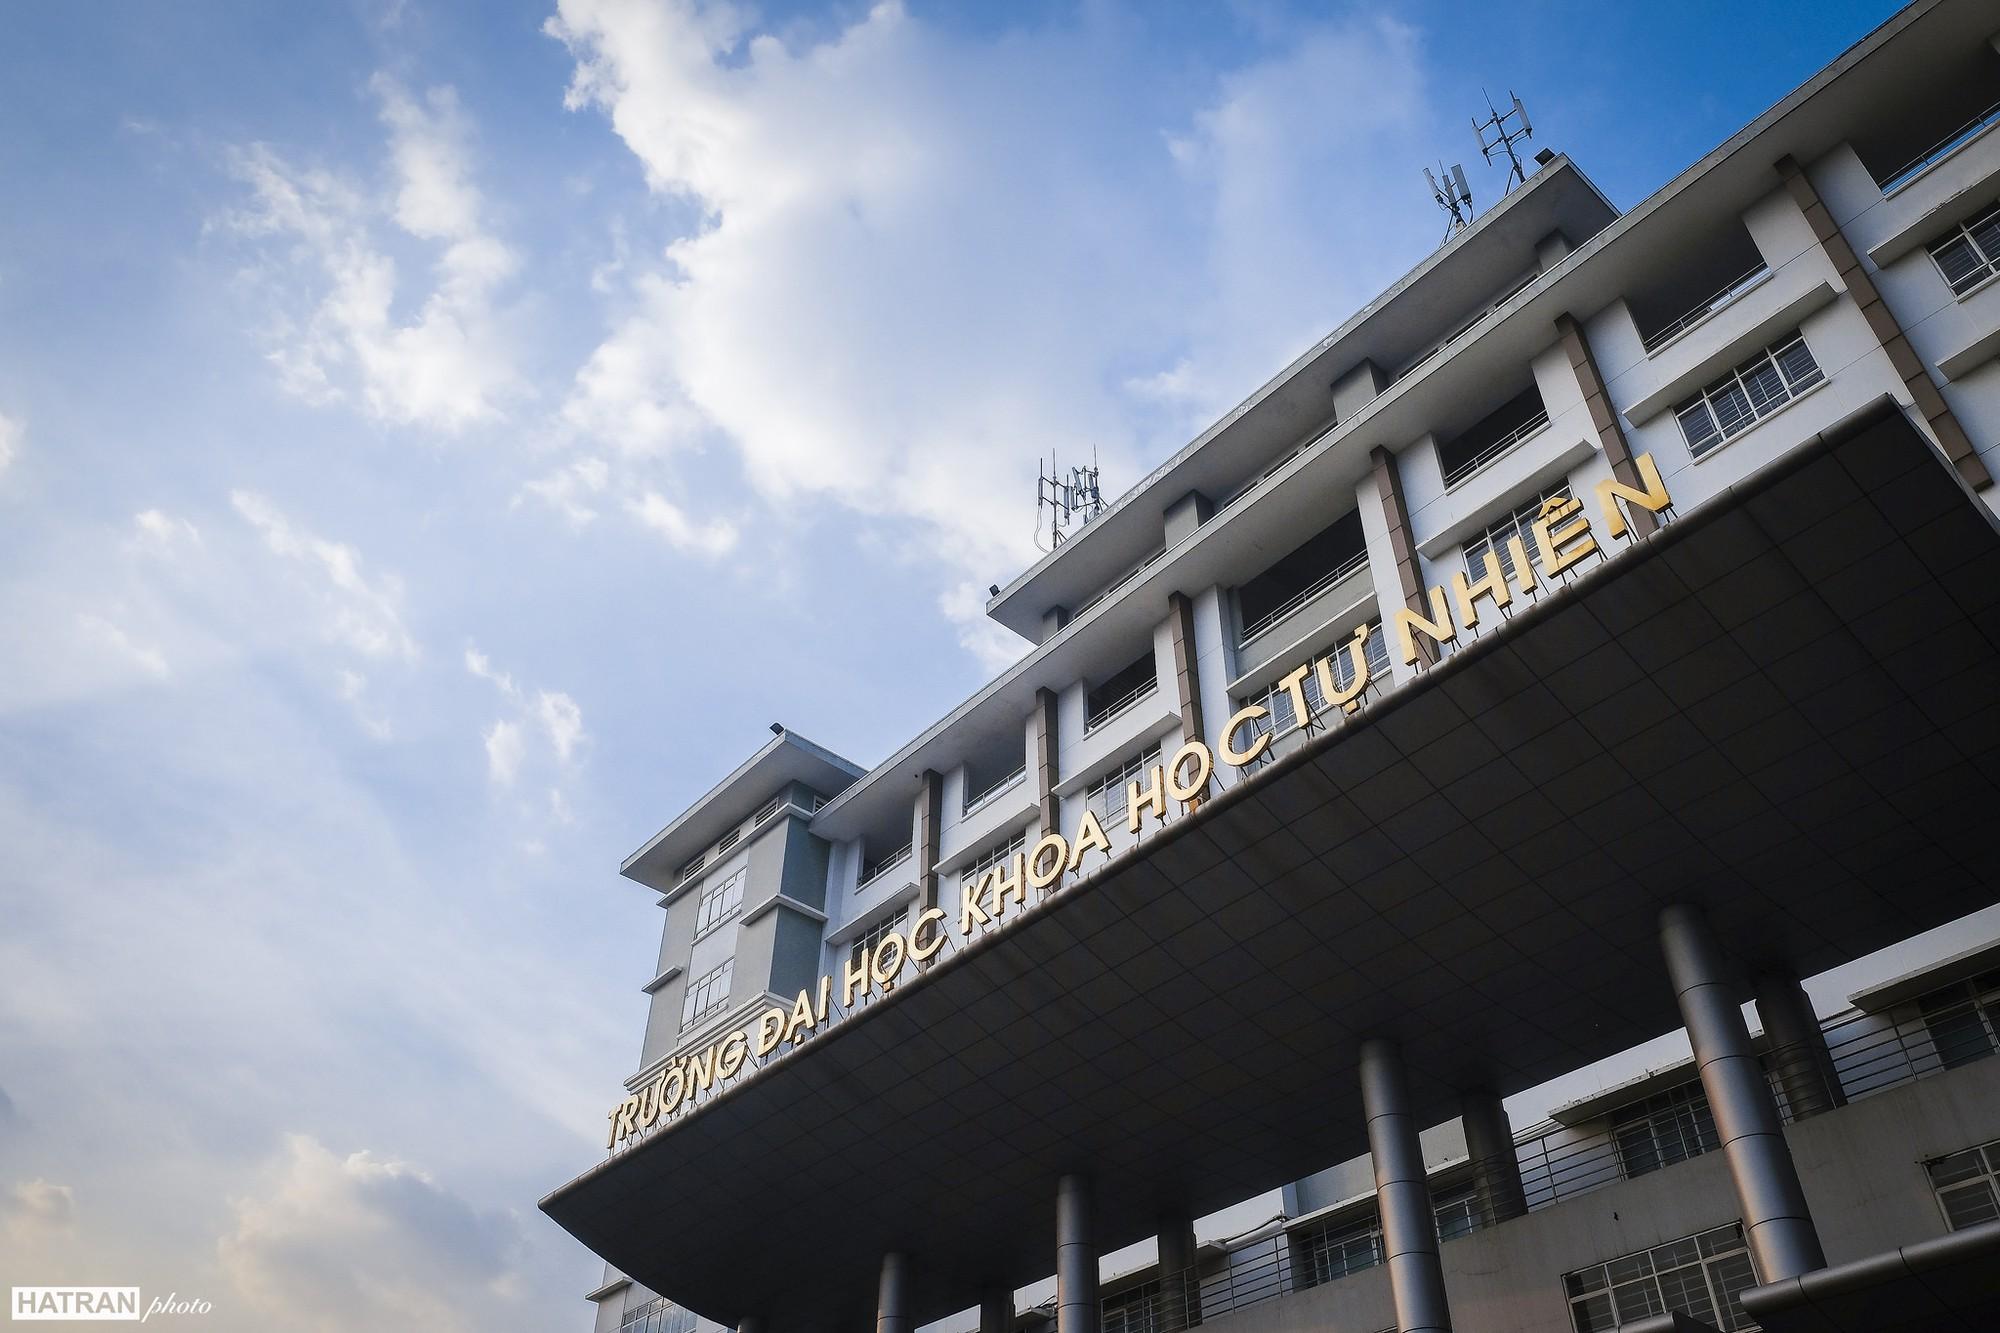 Trường Đại học dễ thương, lãng mạn nhất Sài Gòn, nơi có ghế đá FA dành cho người cô đơn nổi đình nổi đám một thời - Ảnh 28.